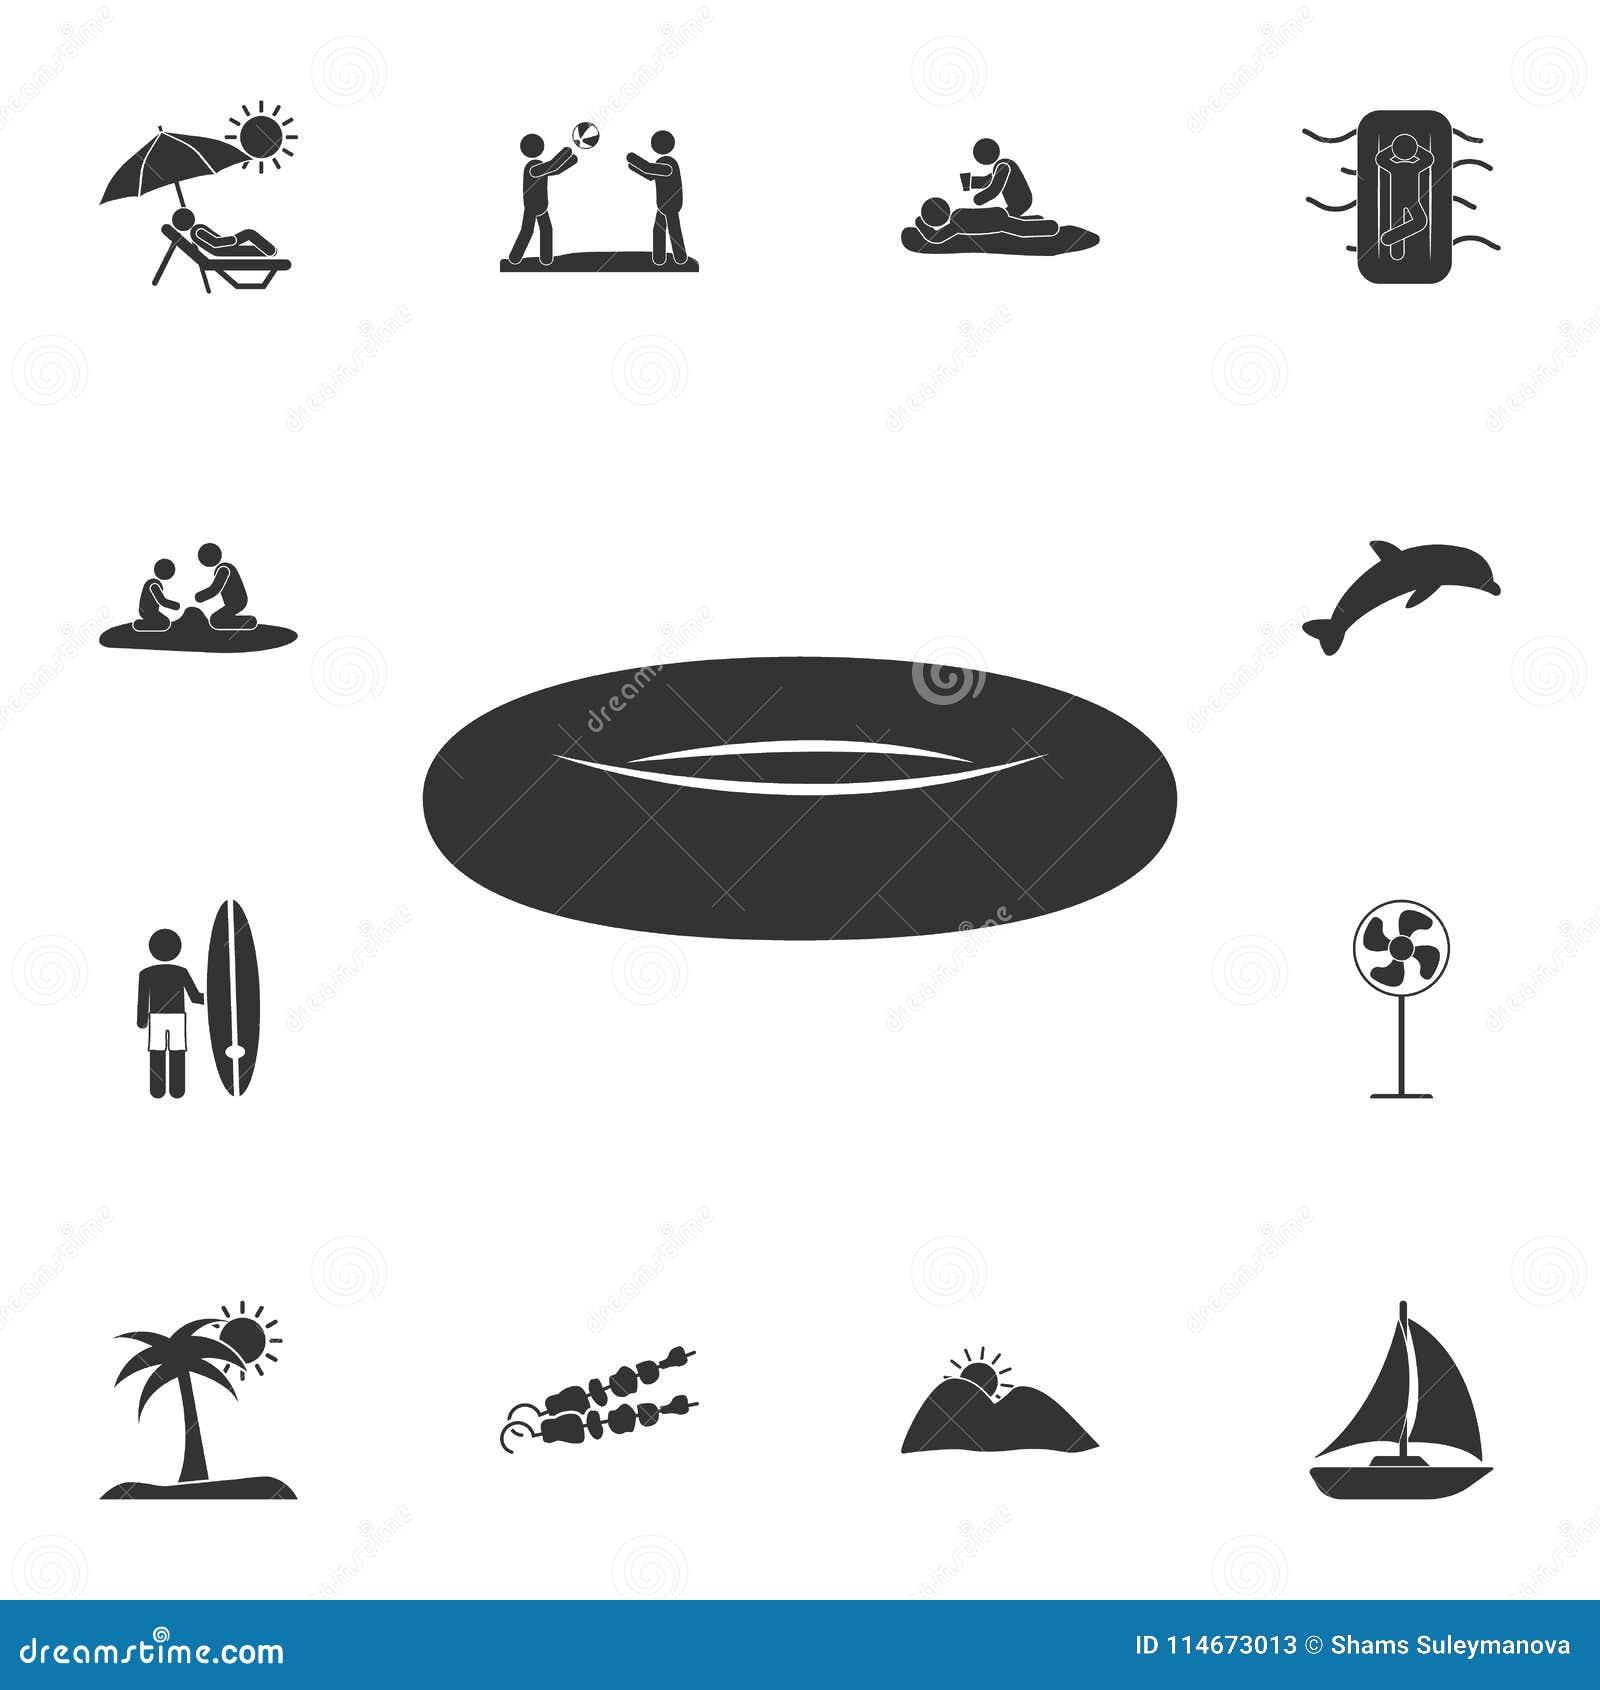 Icono de goma del bote Sistema detallado de ejemplos del verano Icono superior del diseño gráfico de la calidad Uno de los iconos